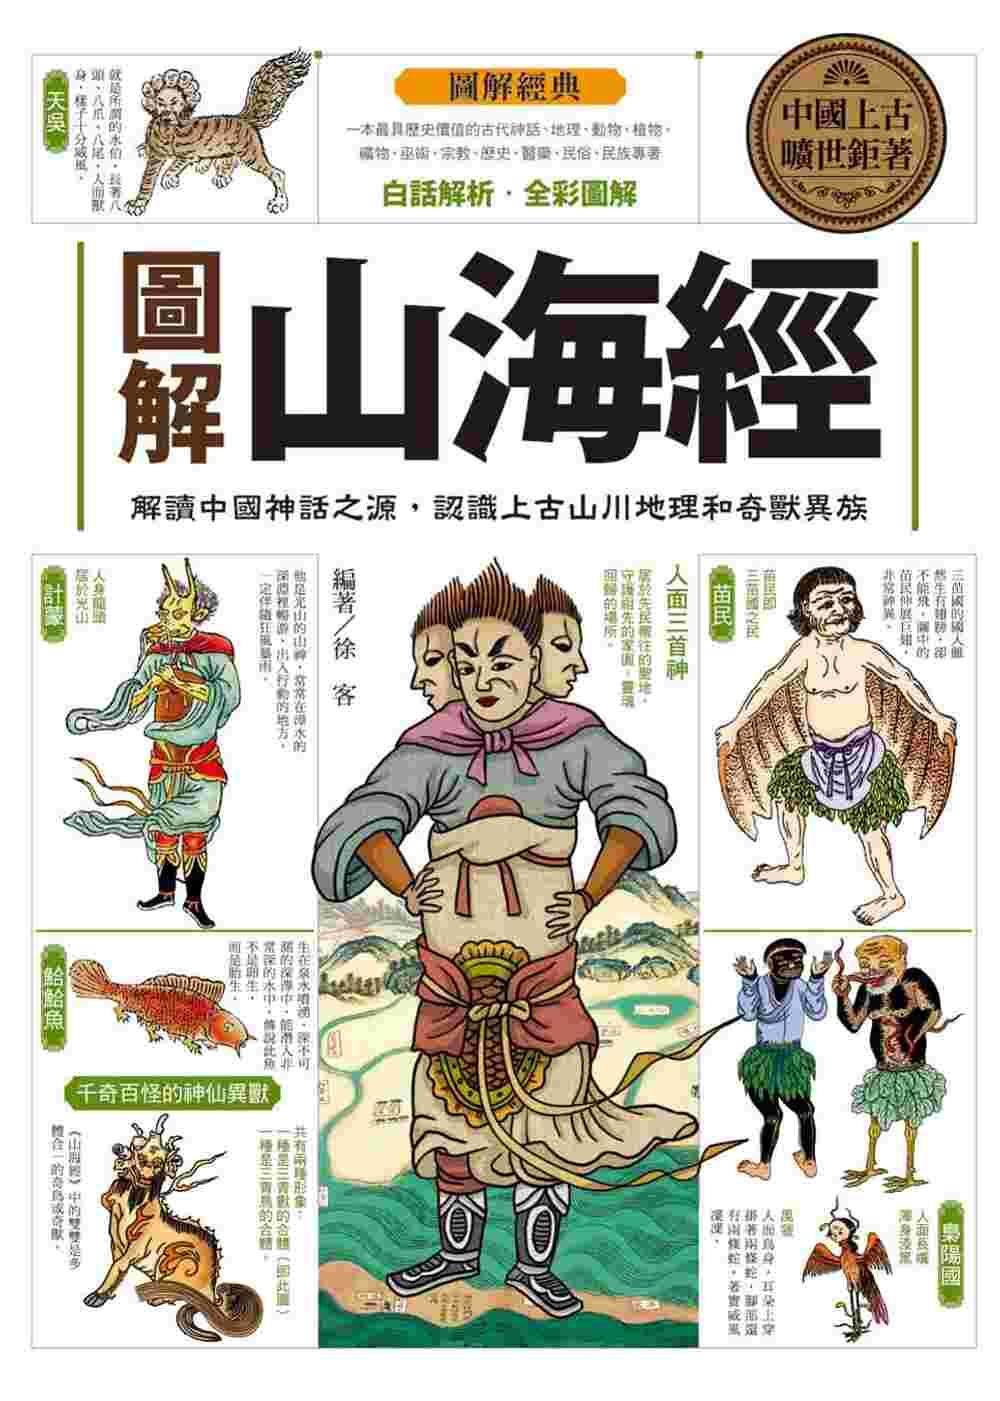 圖解山海經:解讀中國神話之源,認識上古山川地理和奇獸異族